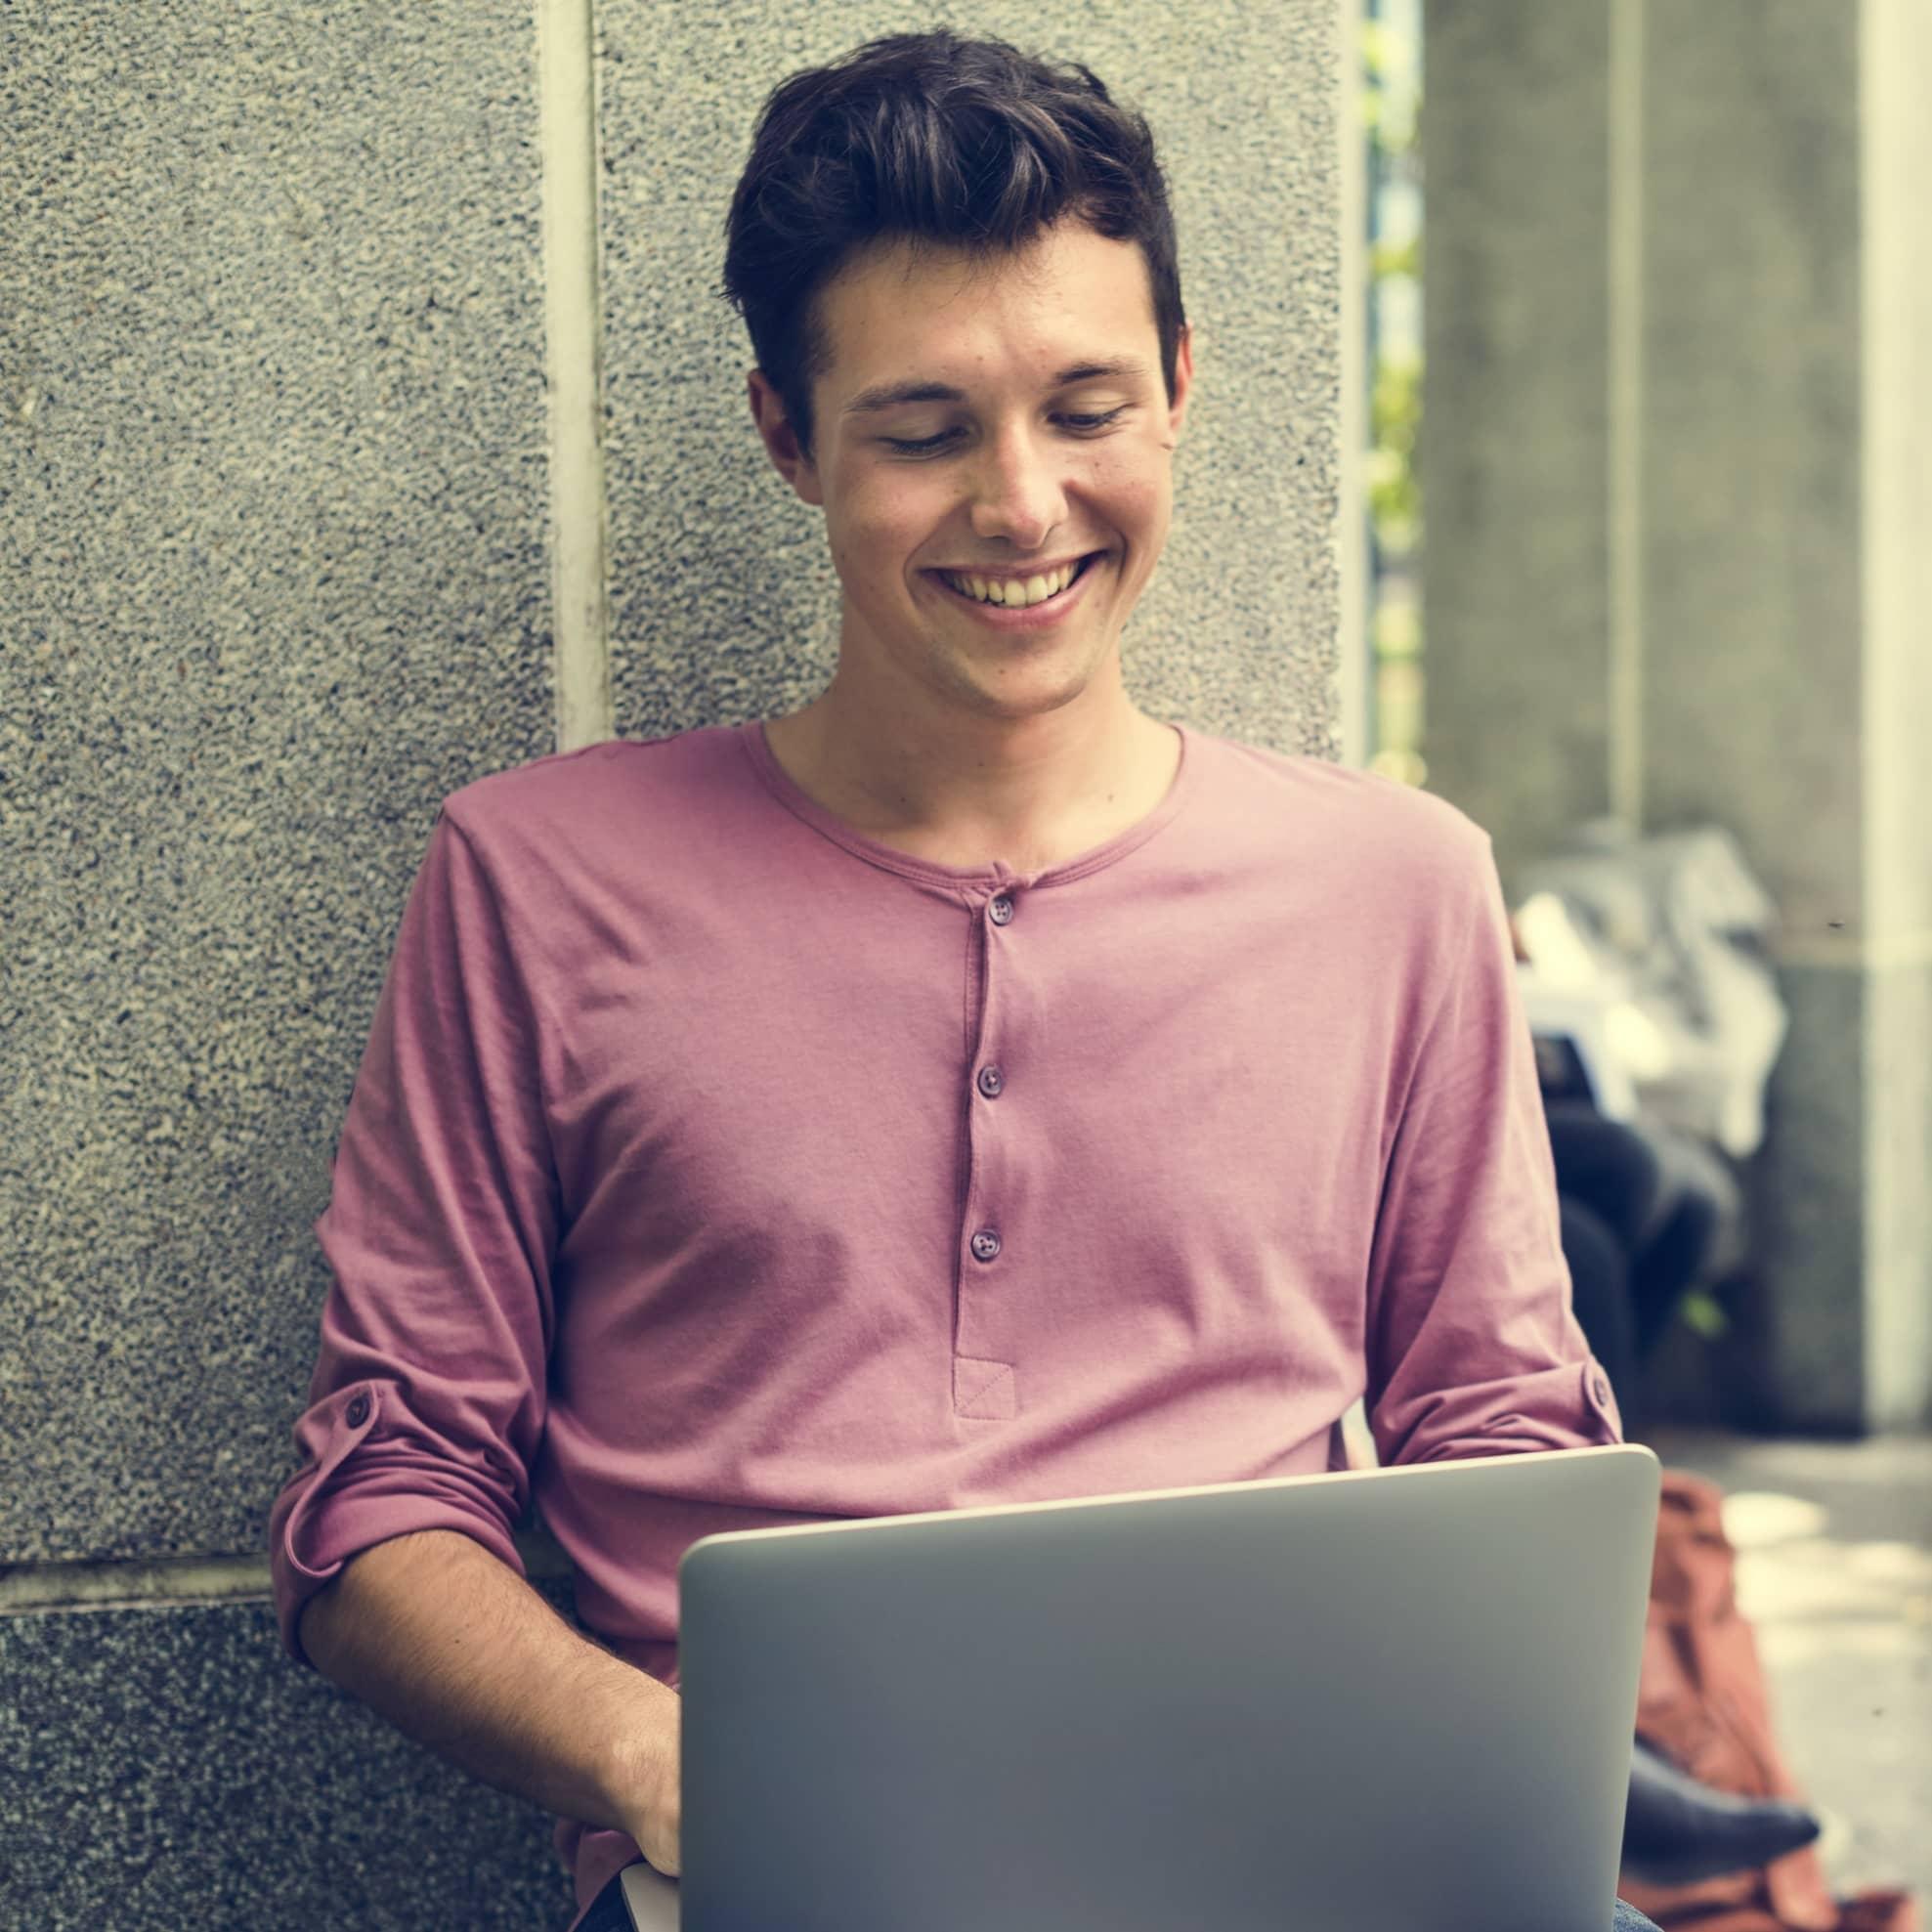 Étudiant qui sourit avec un ordinateur portable